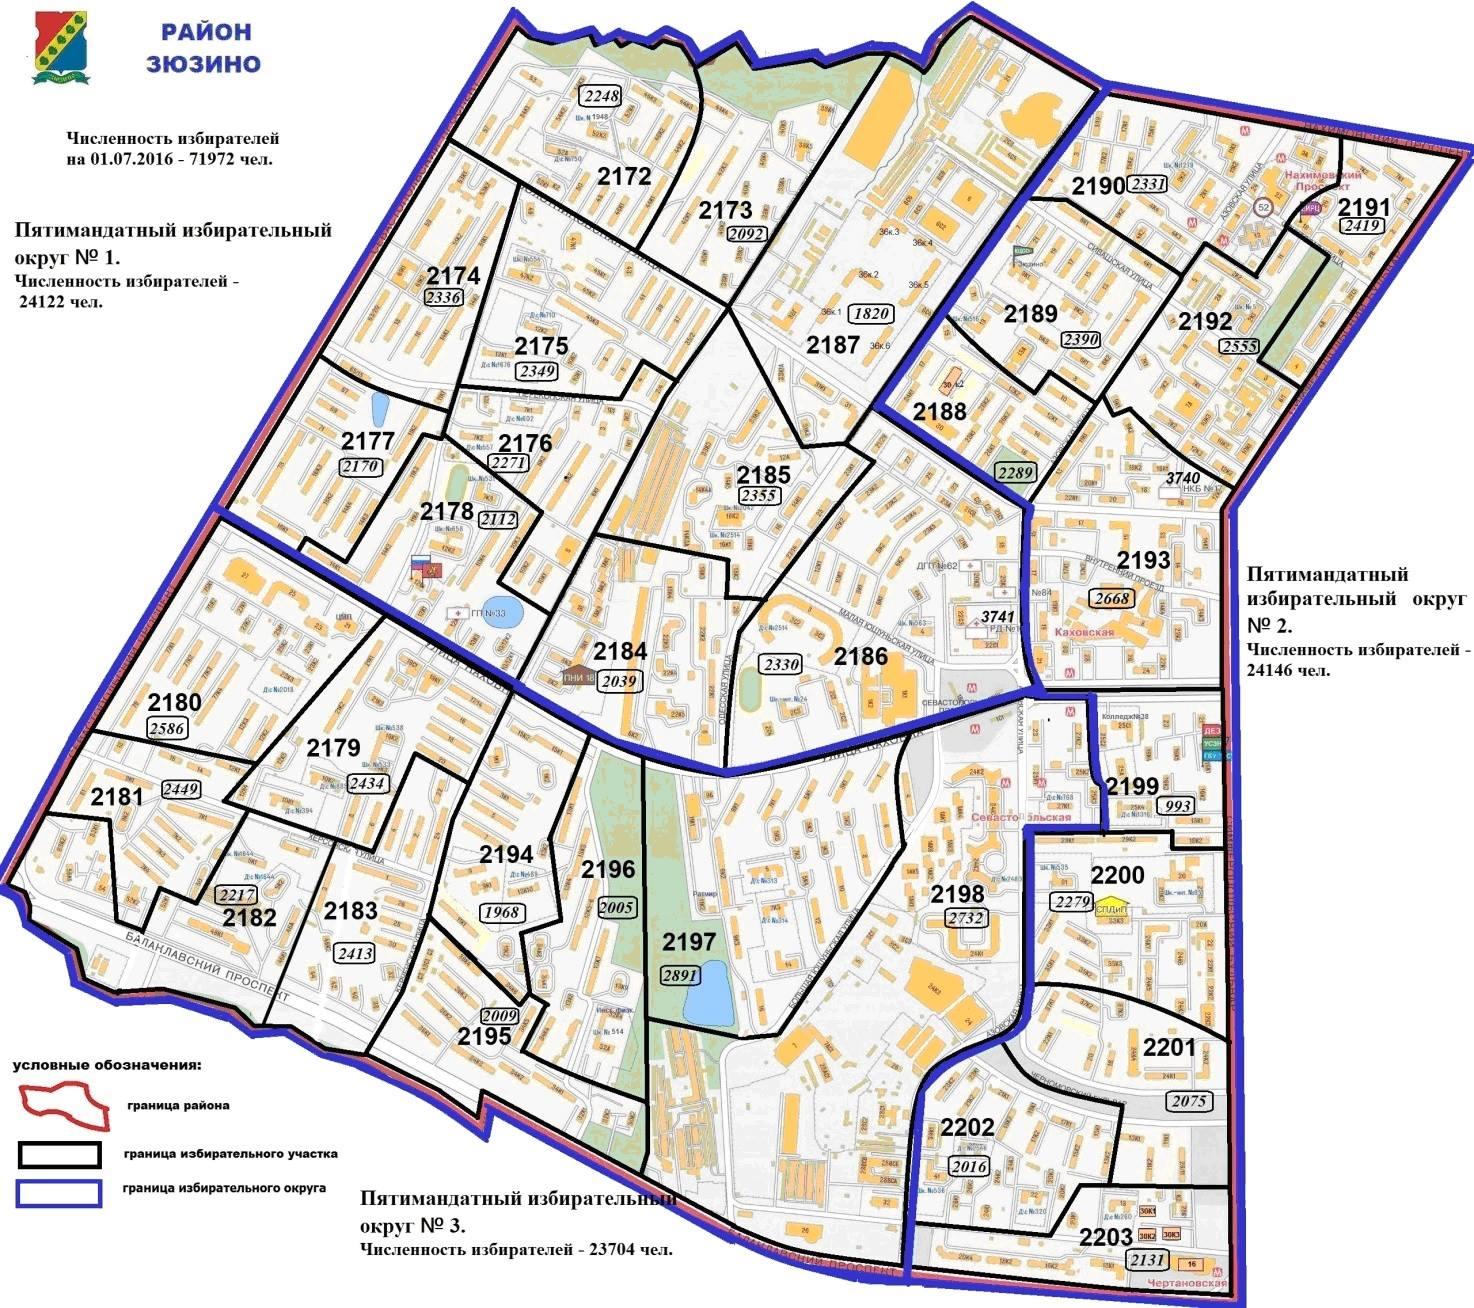 Предвыборные манипулации в Зюзино: проект нарезки